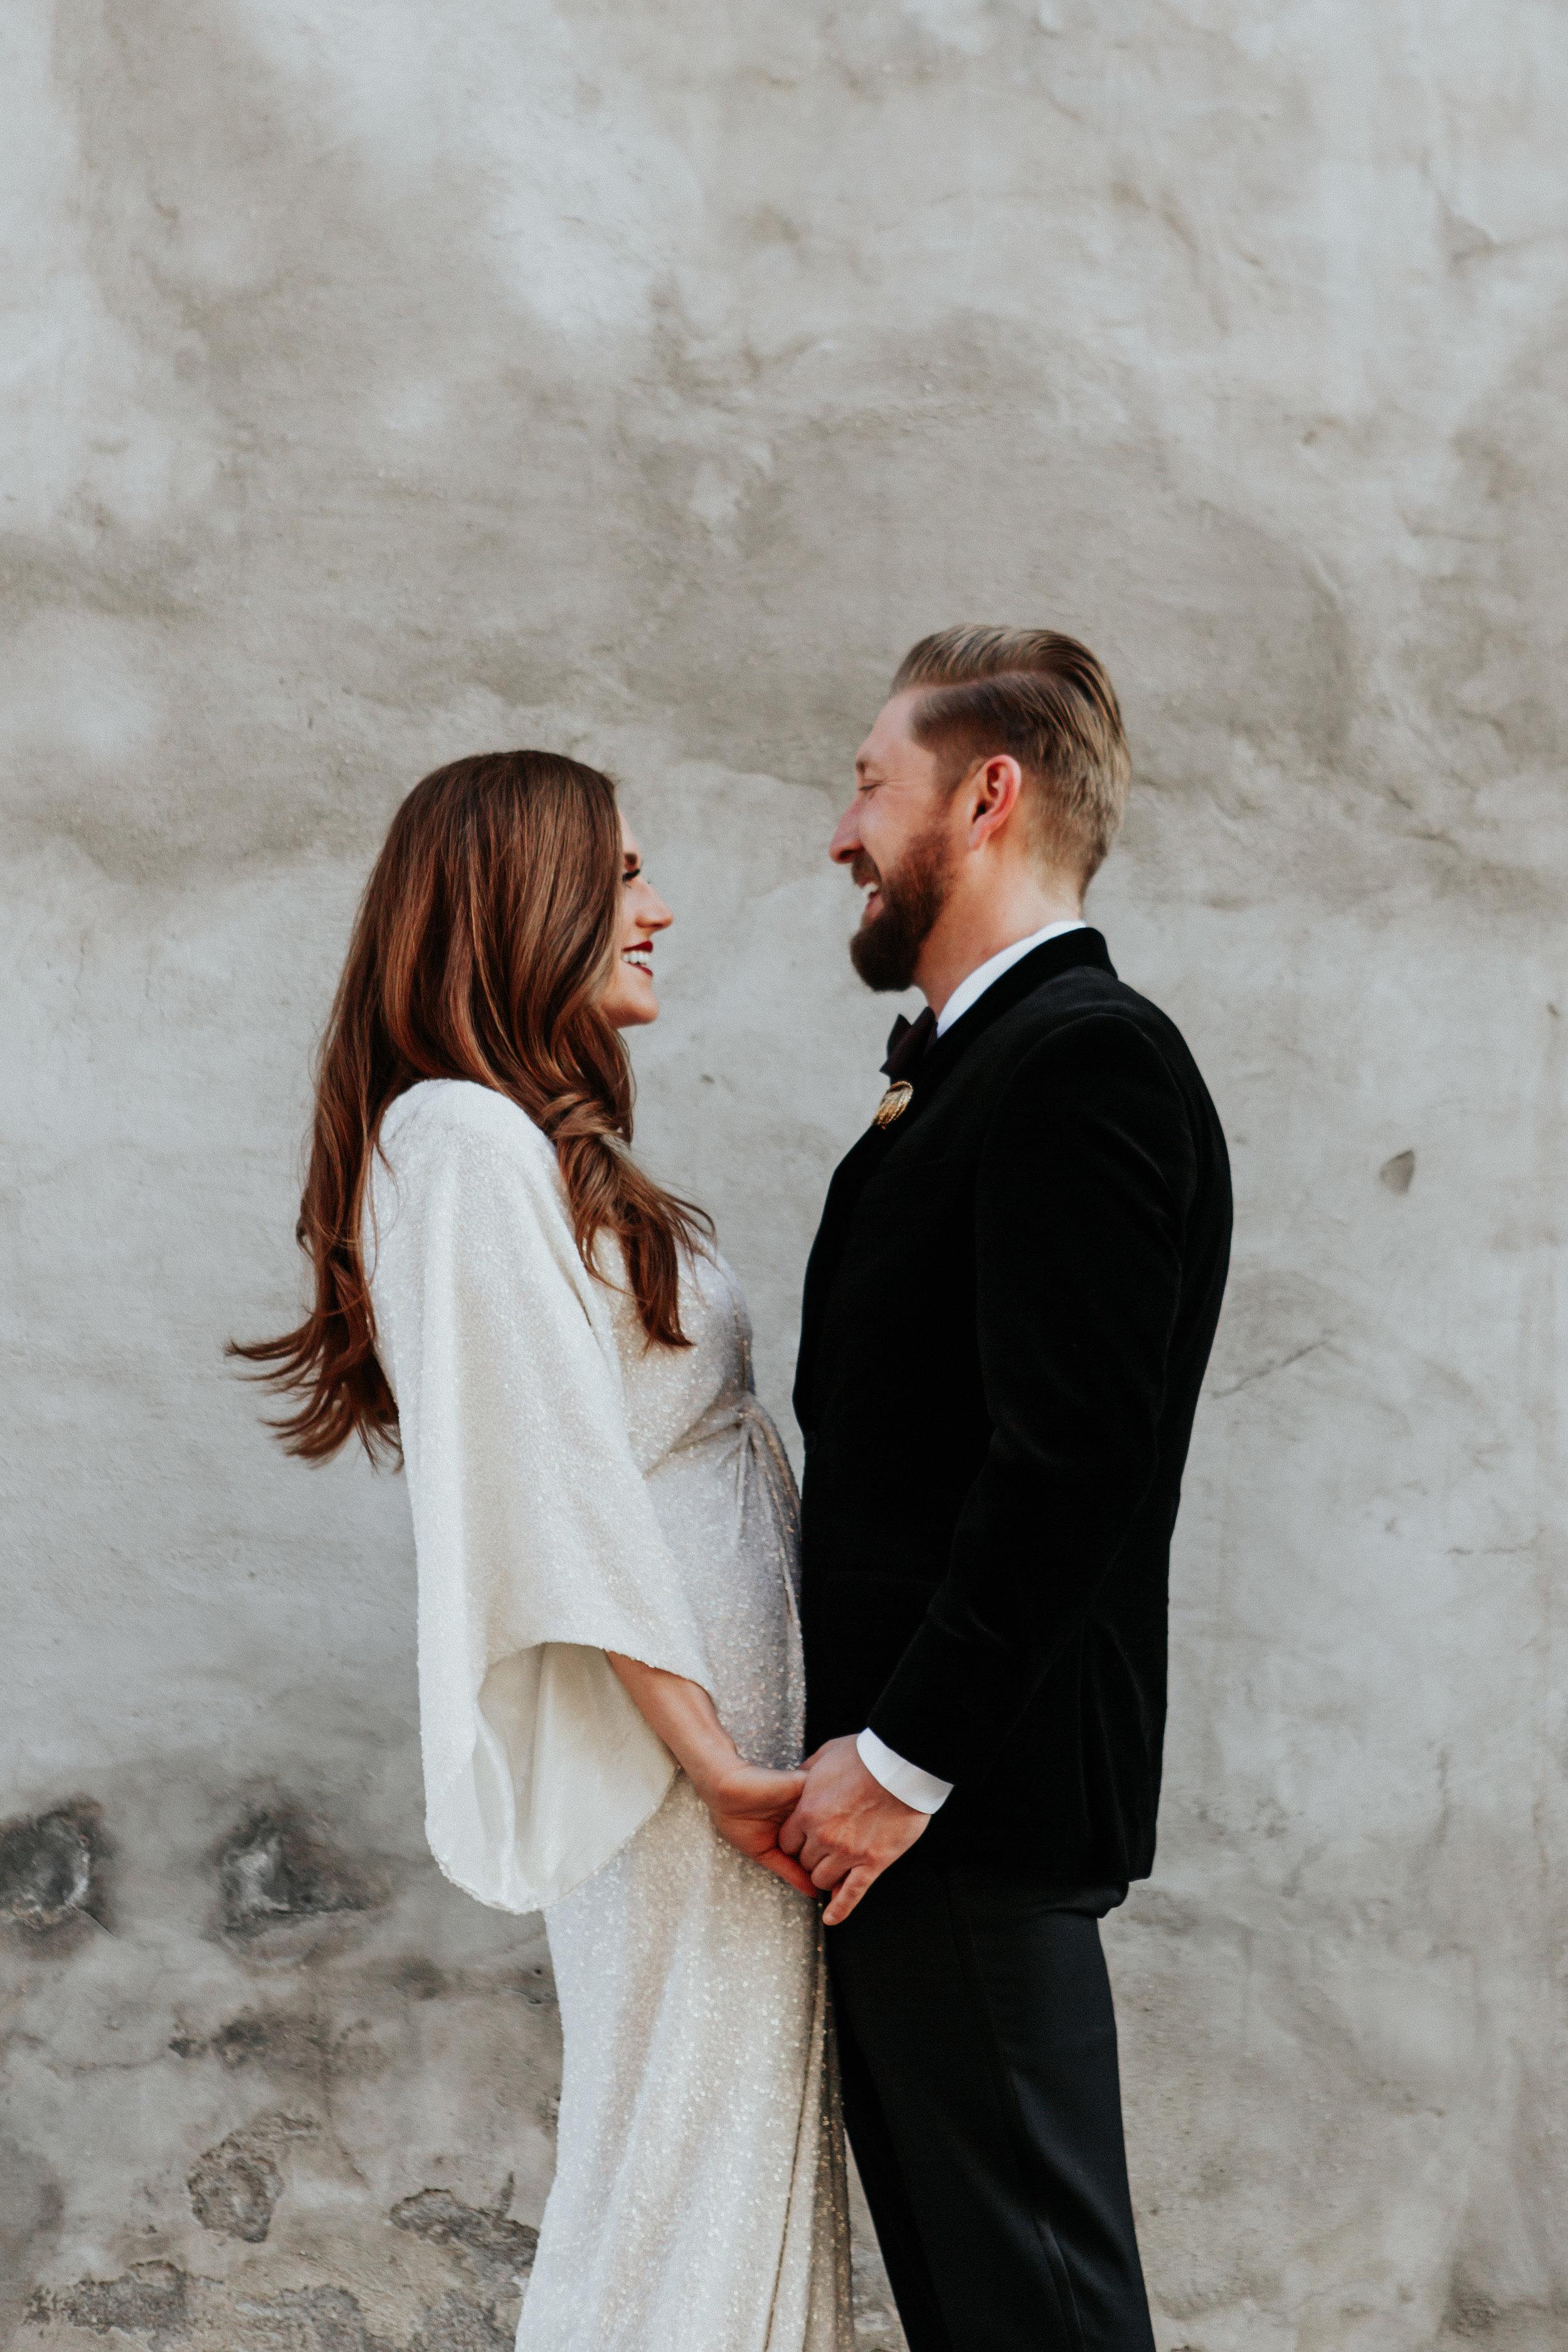 edgy wedding photographers chicago